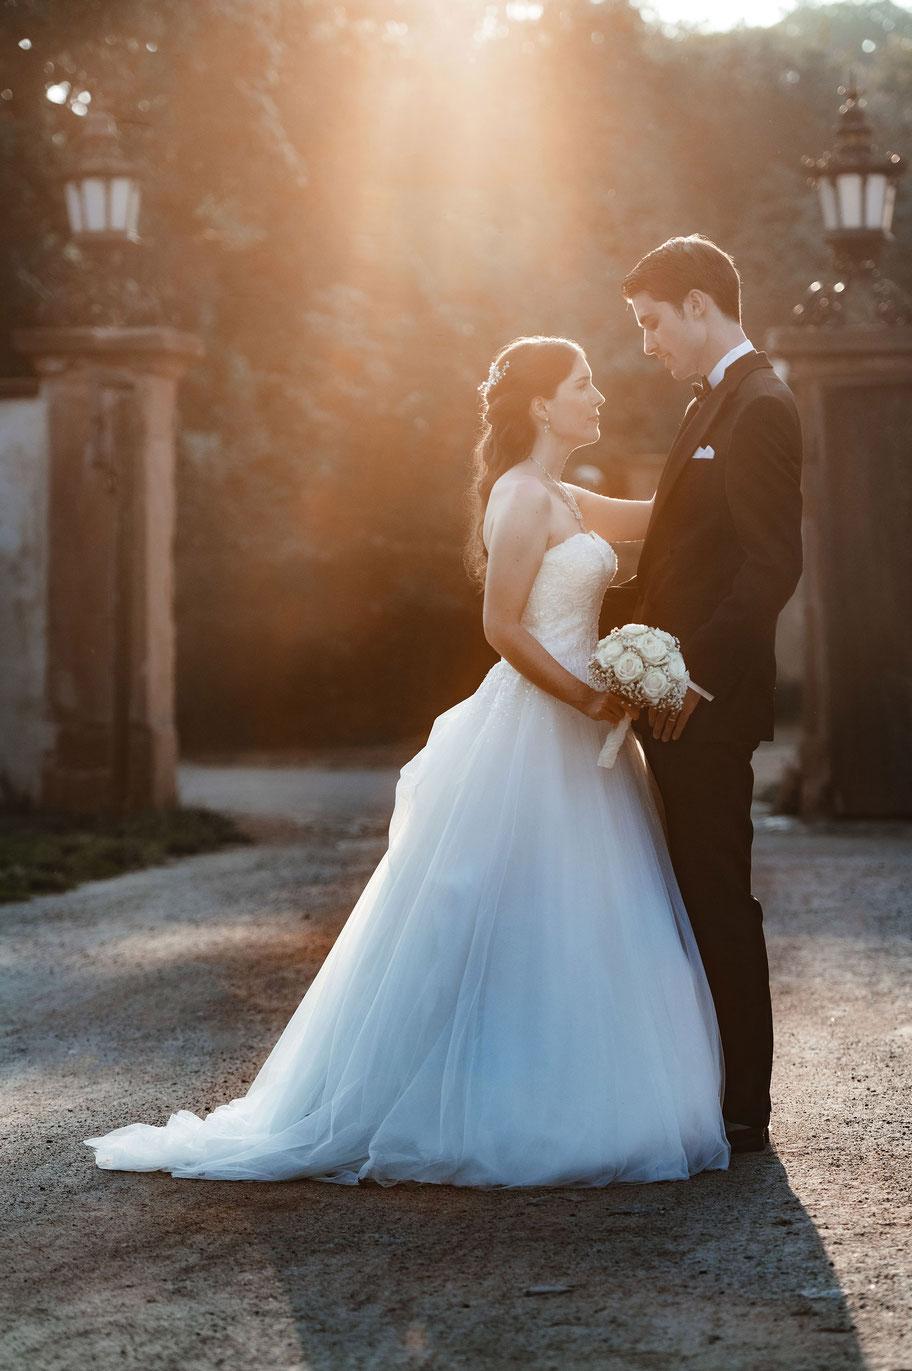 Hochzeit, Hochzeitsfotograf, Hochzeitsfotograf, der beste fotograf, fotografie, darmstadt, Hotel Jagdschloss Kranichstein, mainz, wiesbaden, rüsselsheim, königstädten, portraitfotograf, hochzeitsportrait, fotograf in der nähe